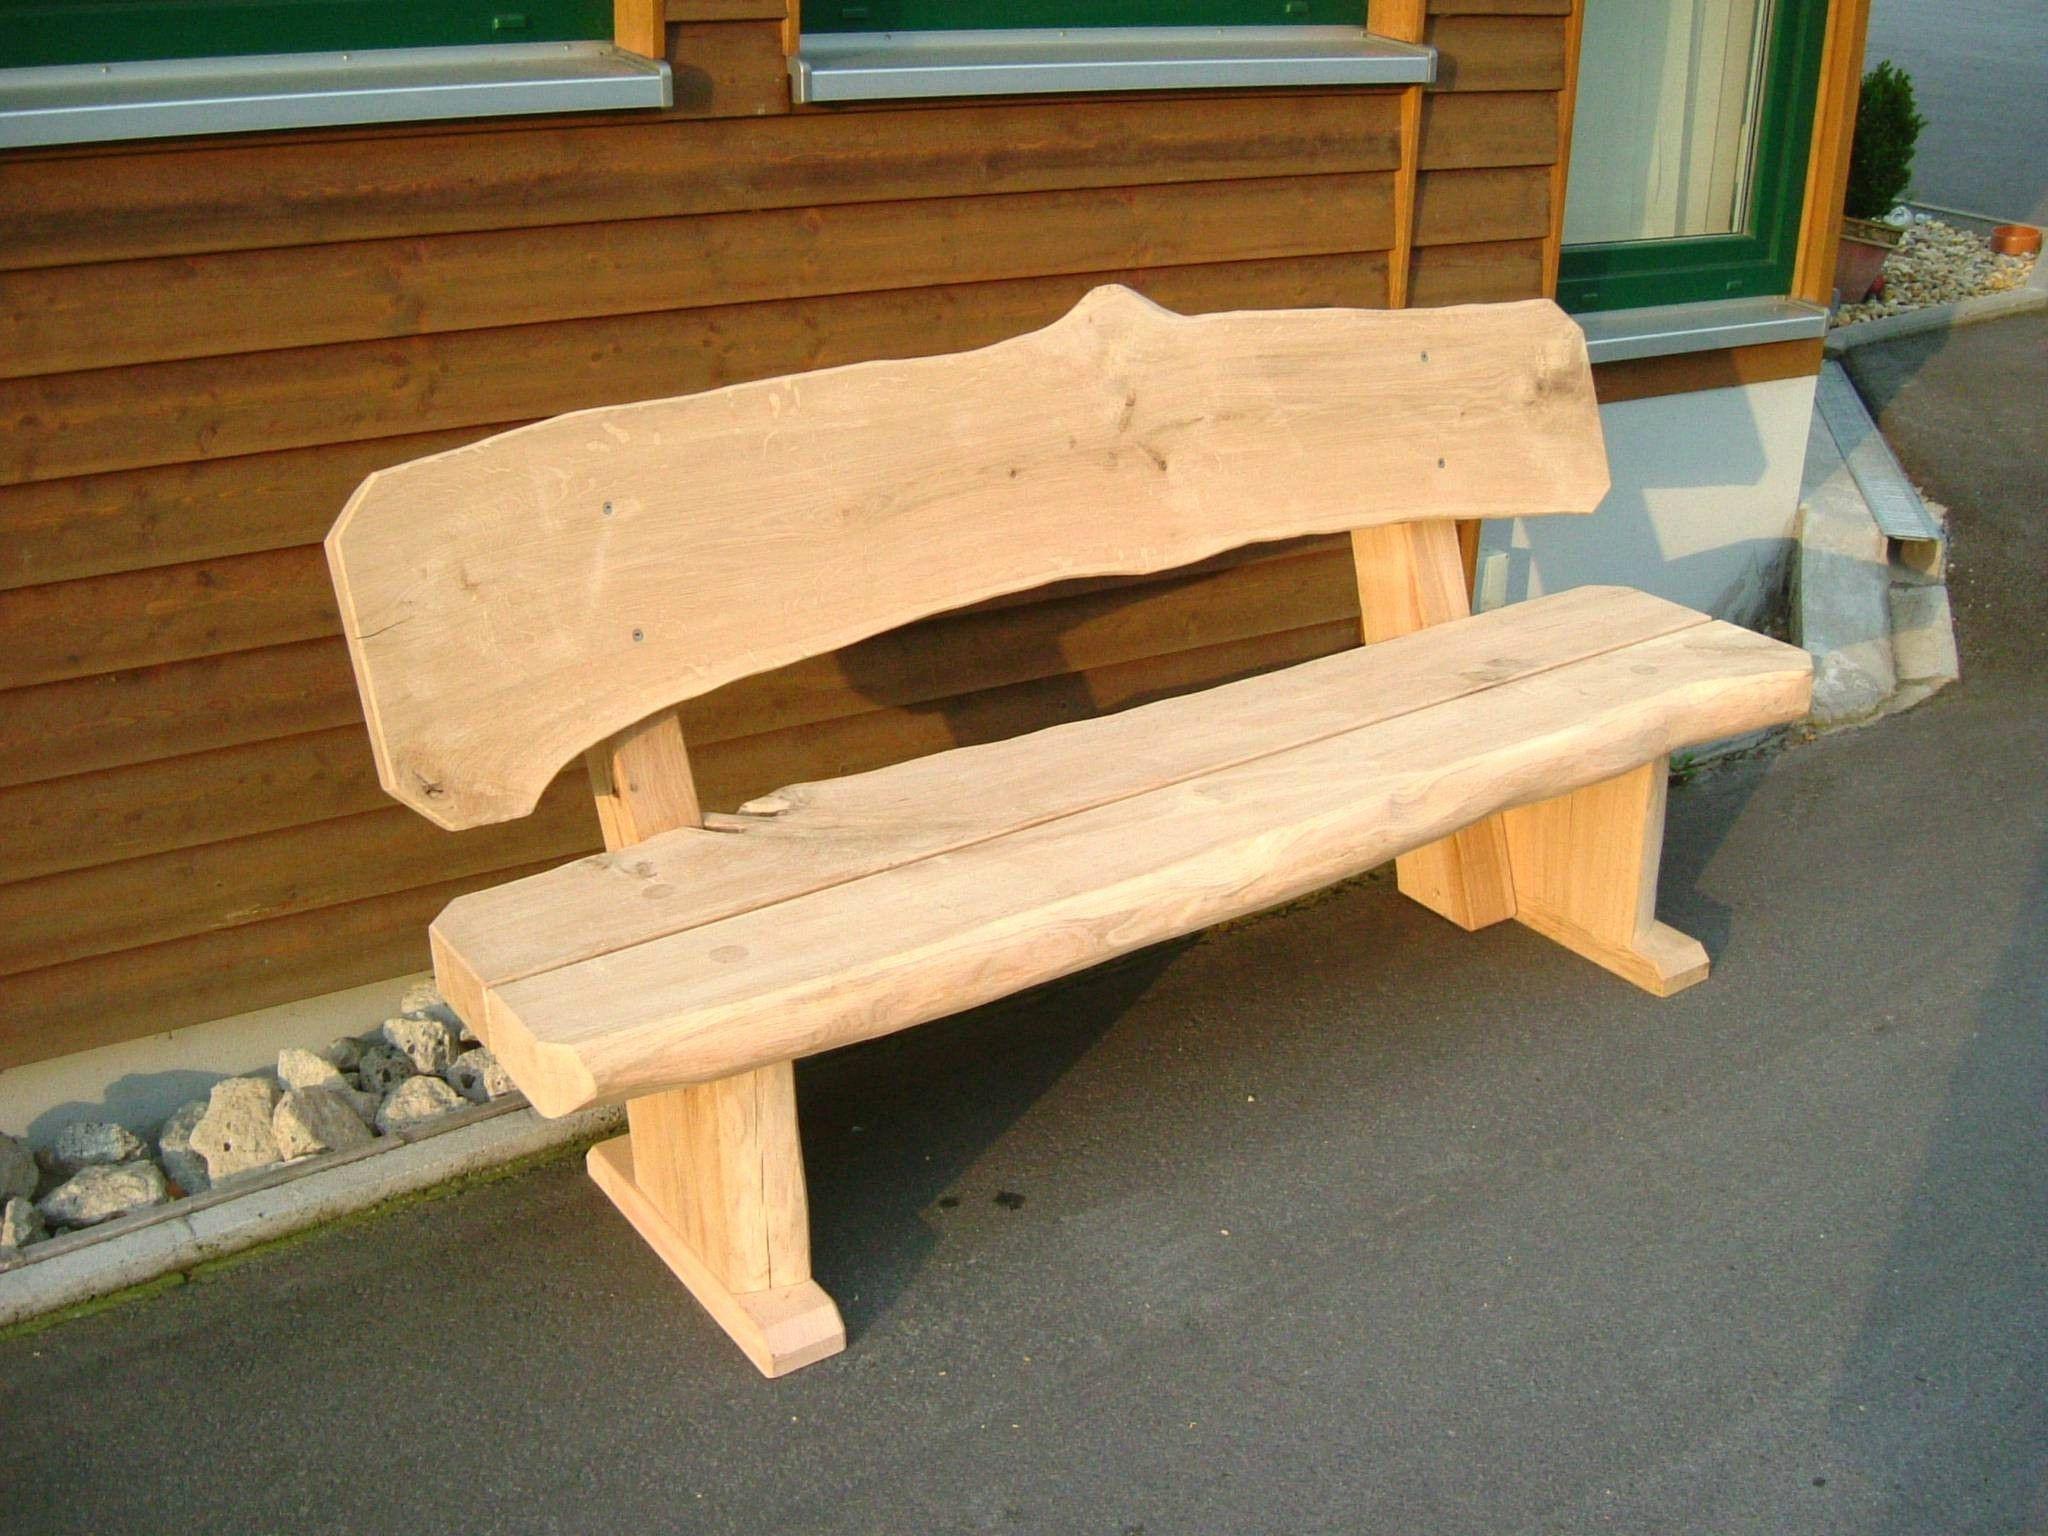 Einzigartig 40 Zum Sitzgruppe Holz Garten Gartenbank Rustikal